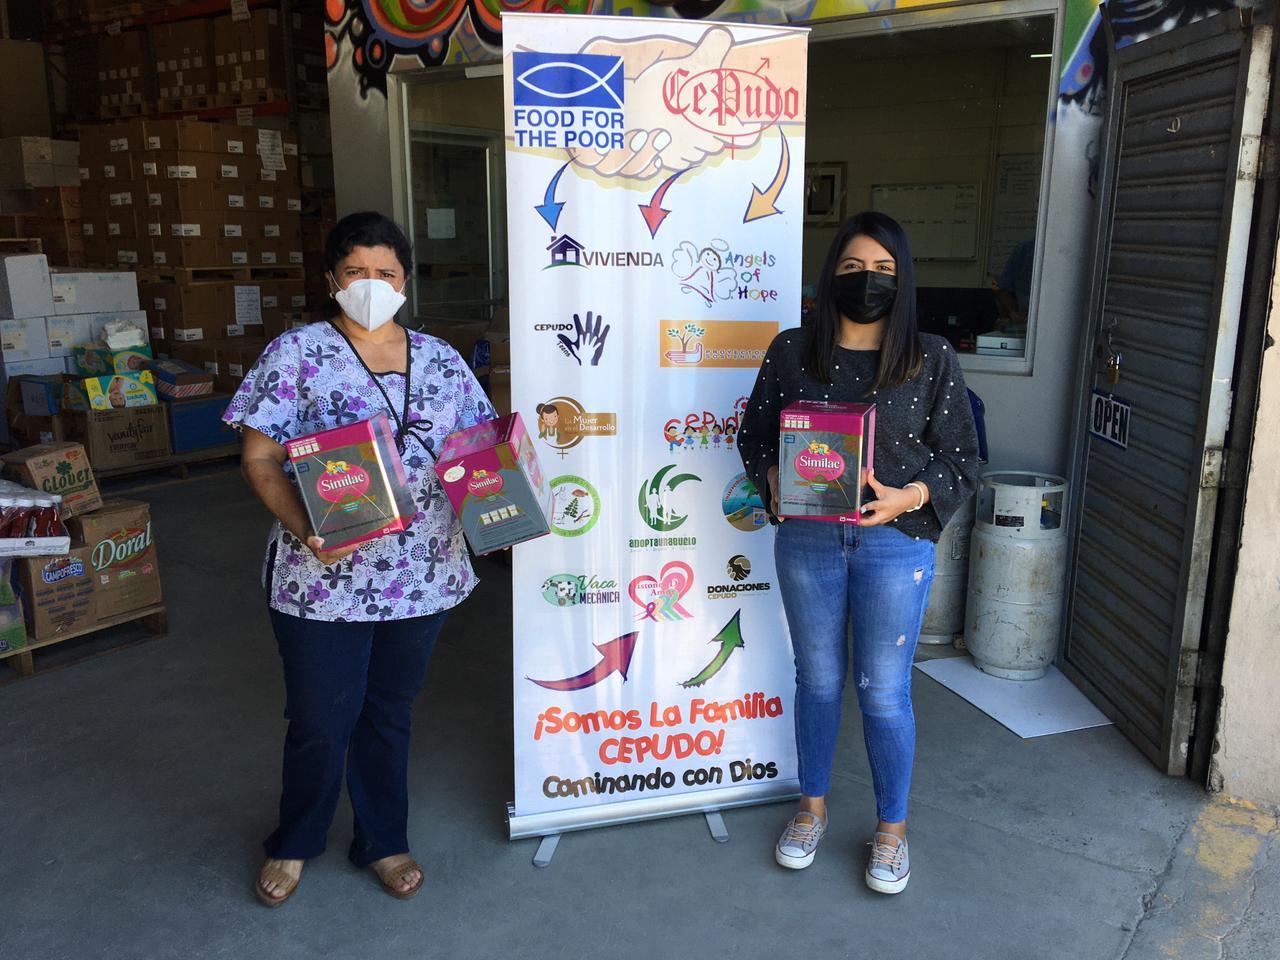 Thankful to Farmacia Simán for donating Similac milk